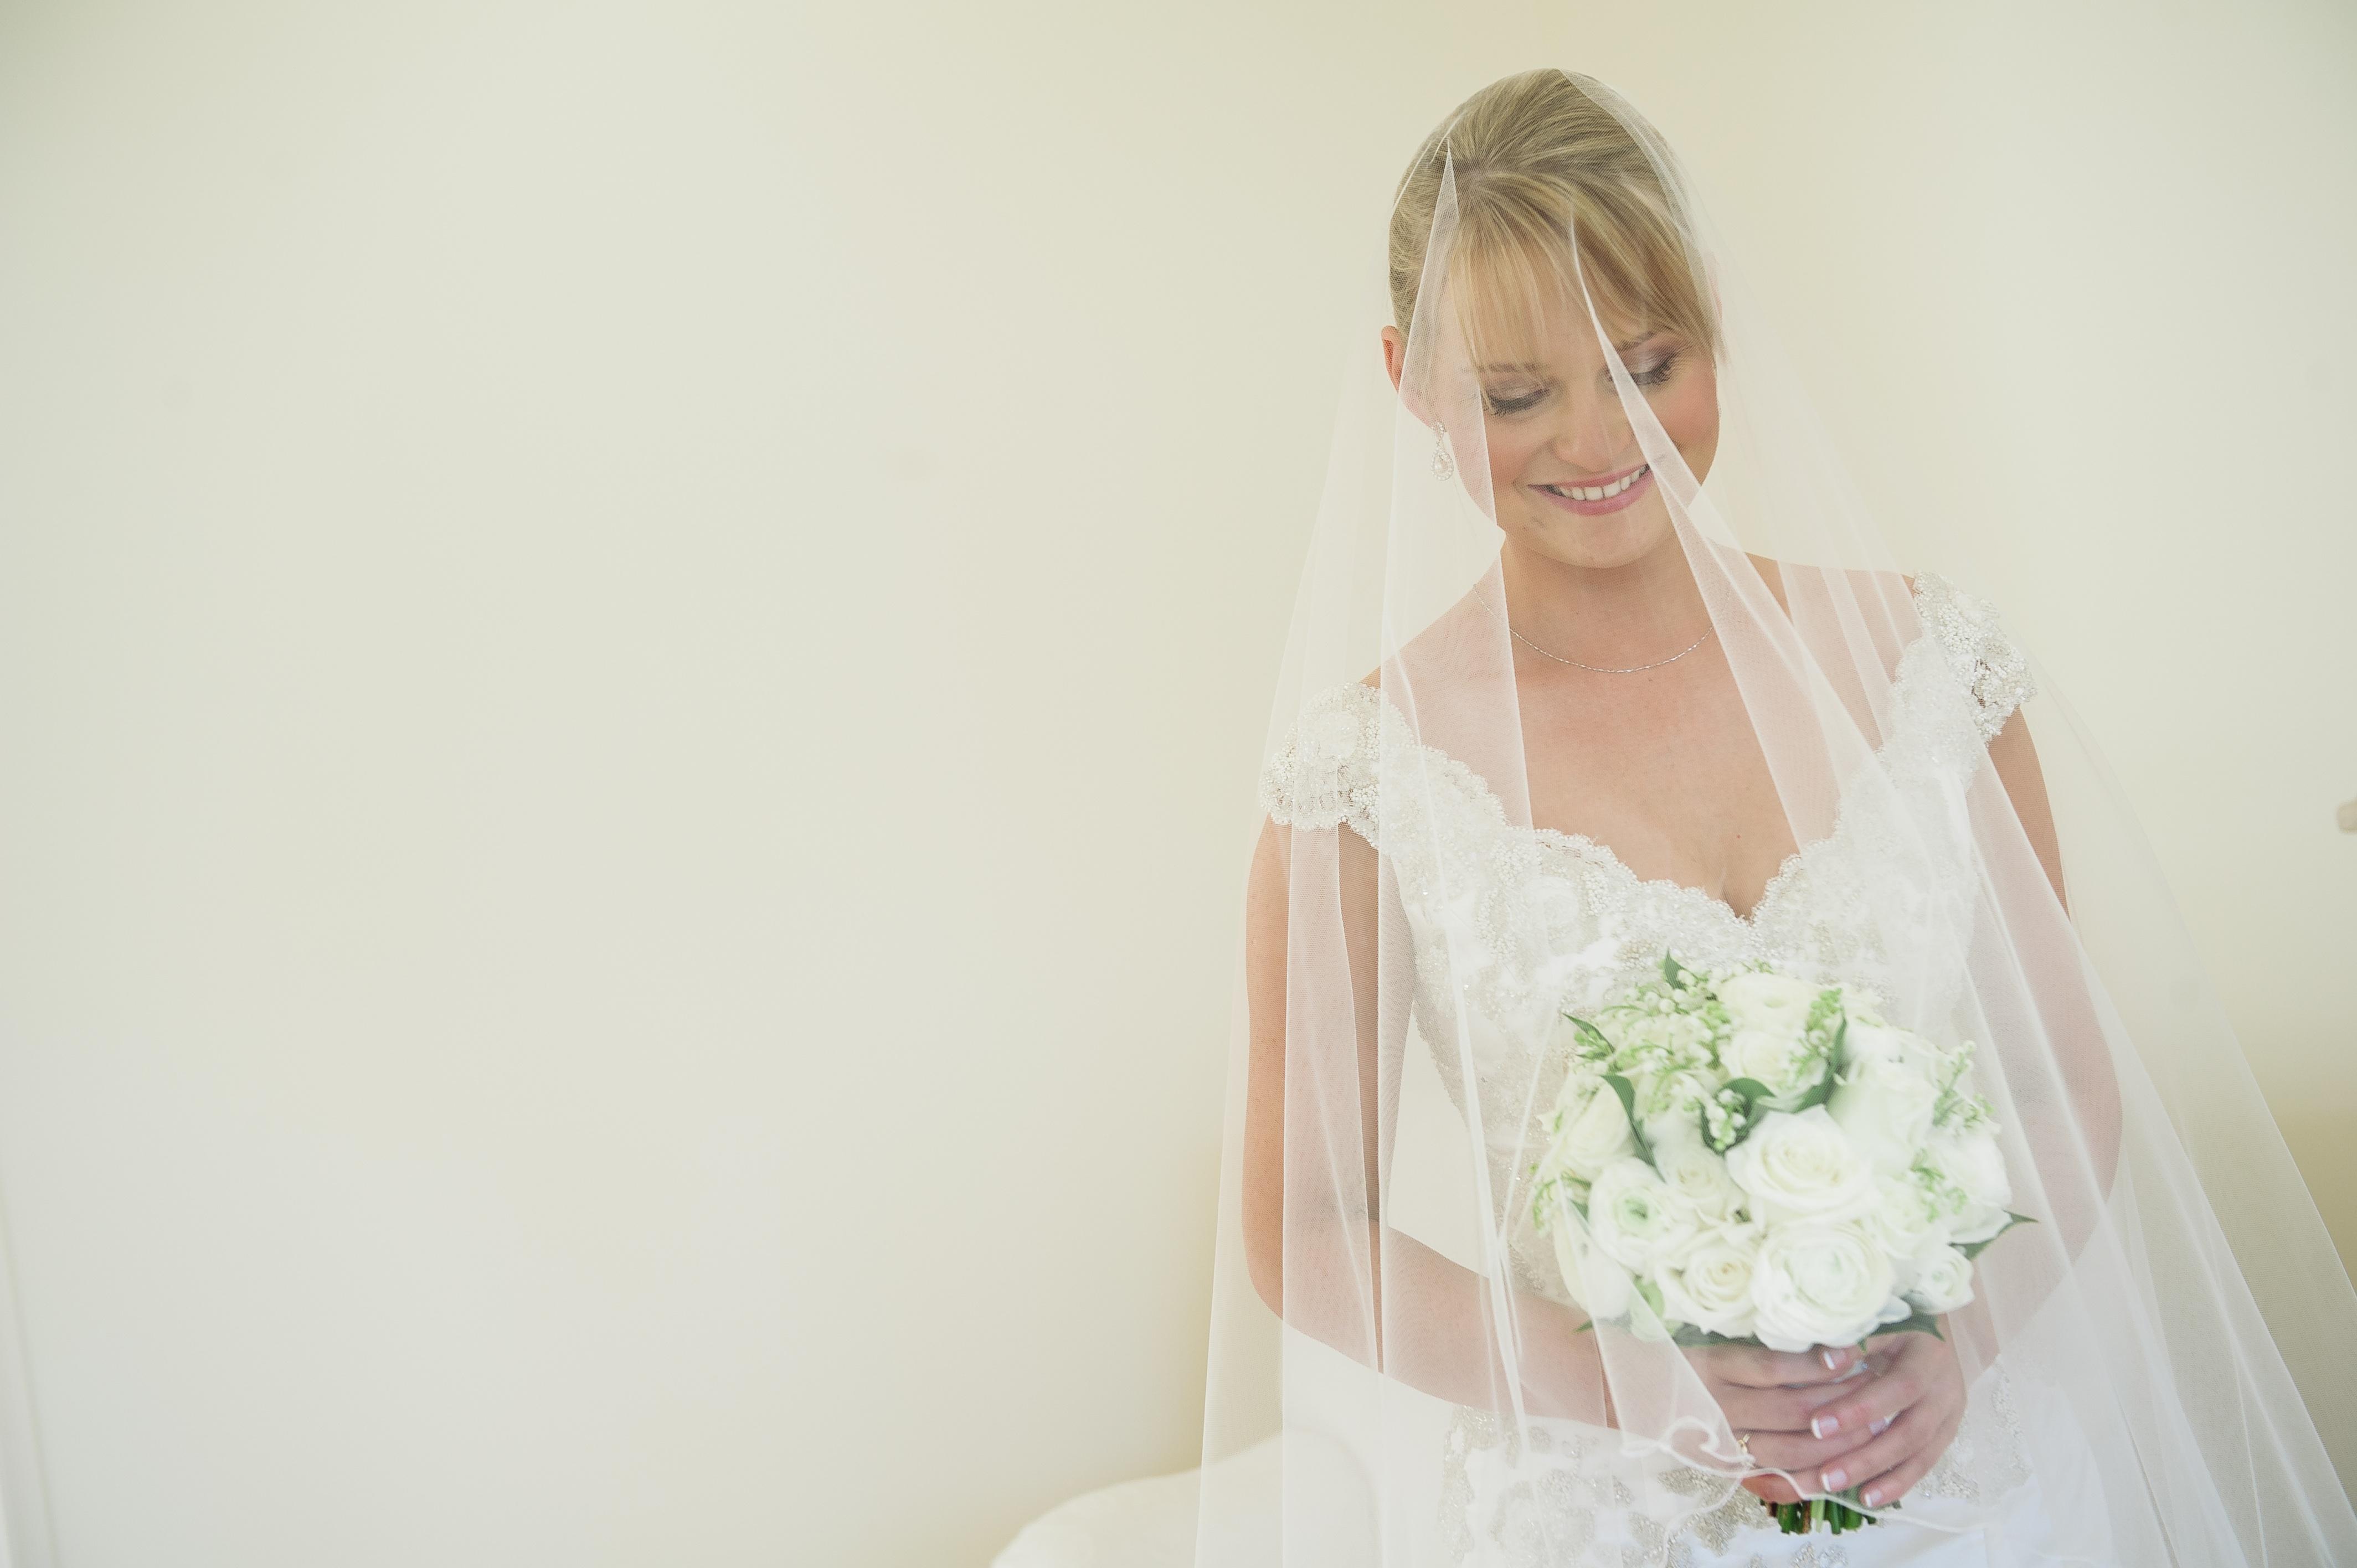 Wedding video Brisbane, starwedding.